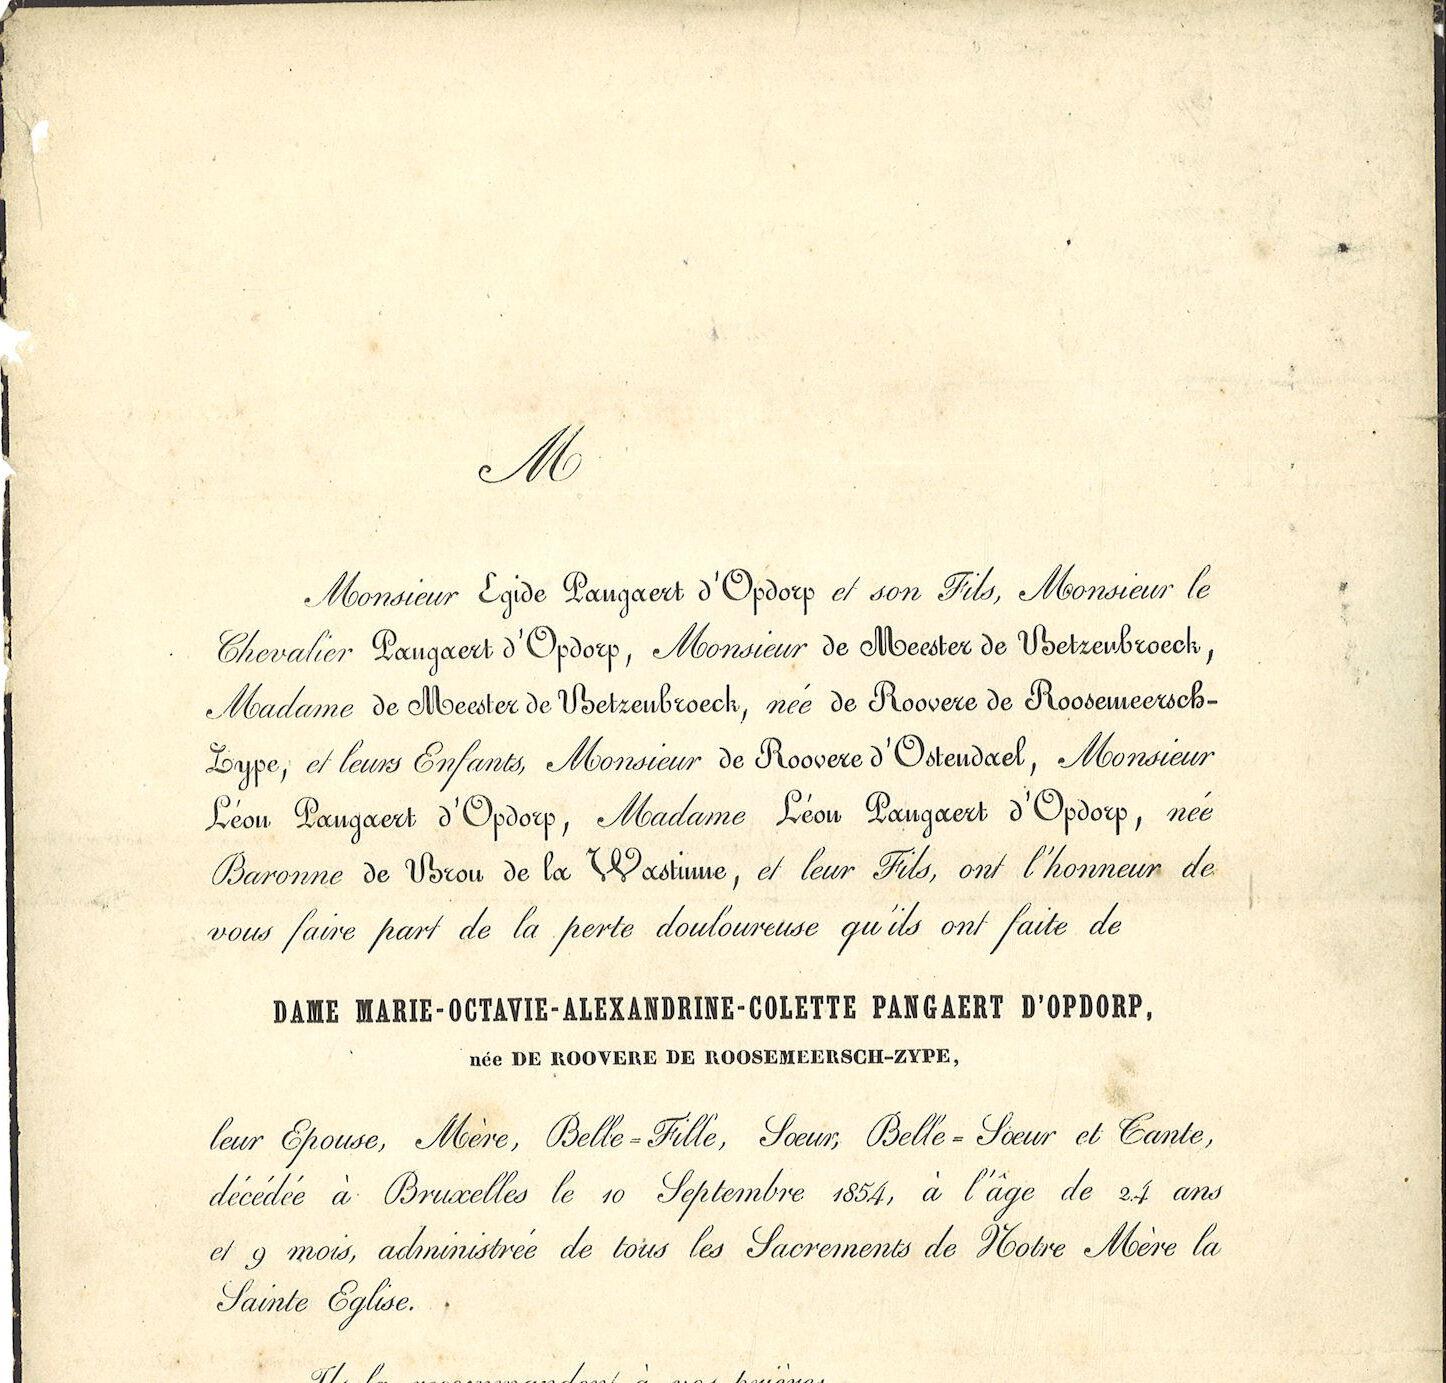 Marie-Octavie-Alexandrine-Colette de Roovere de Roosemeersch-Zype